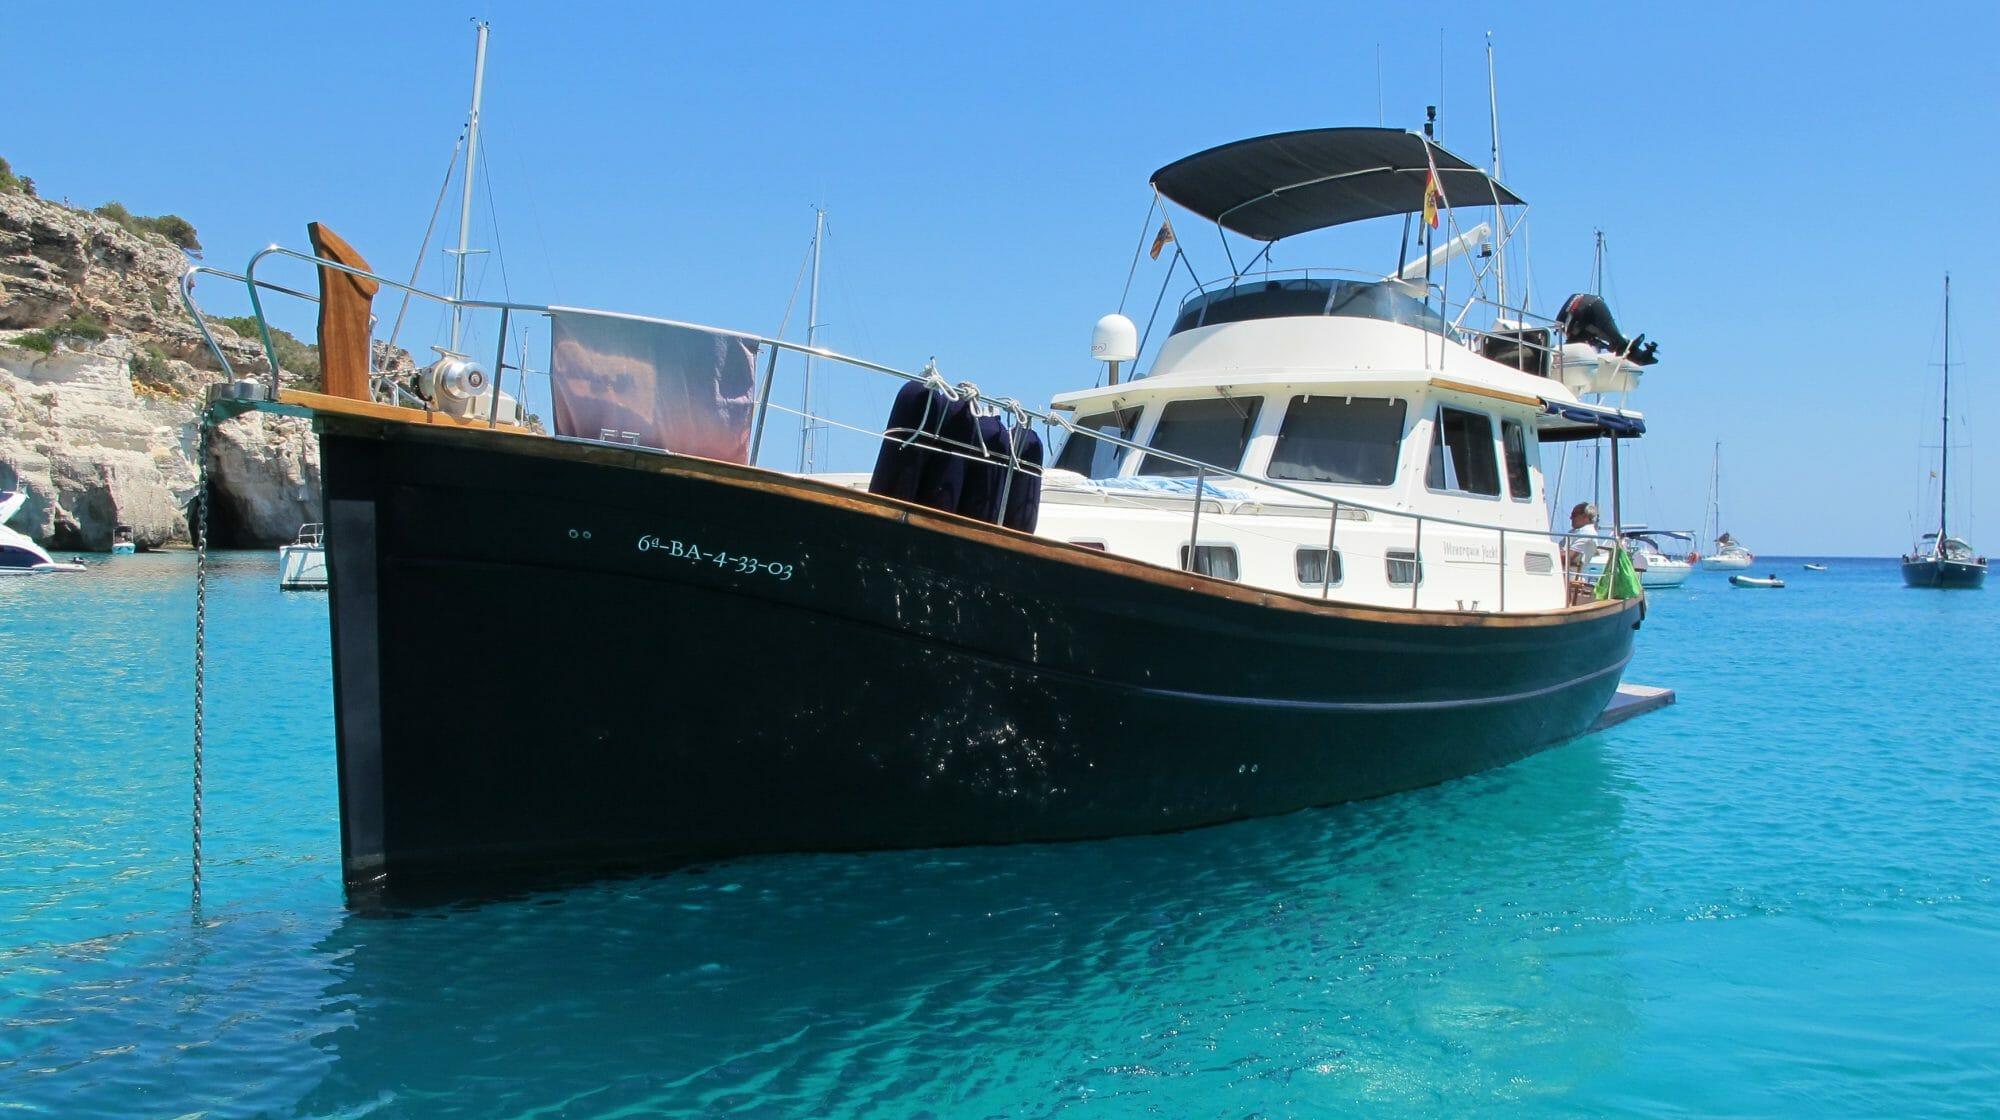 Llaüt, embarcación típica de Menorca, en una cala de mar azul